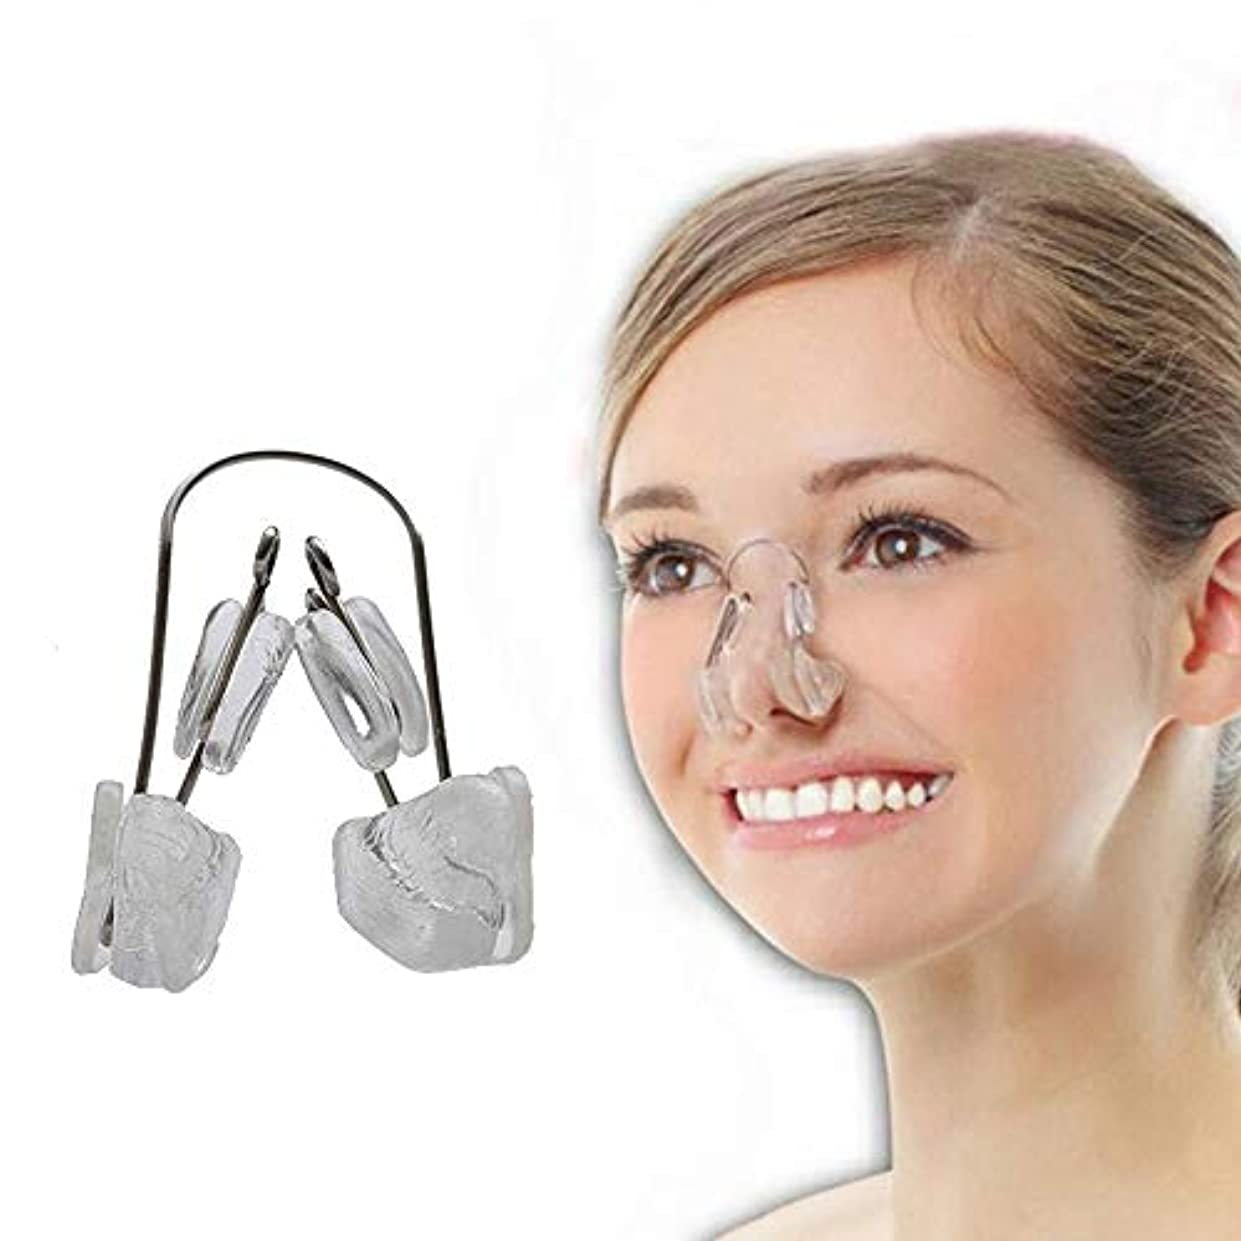 ティーンエイジャー施設冊子Lindexs ないノーズアップピン ノーズアップピン 美鼻クリップ 鼻高く 鼻筋 矯正 (クリア)